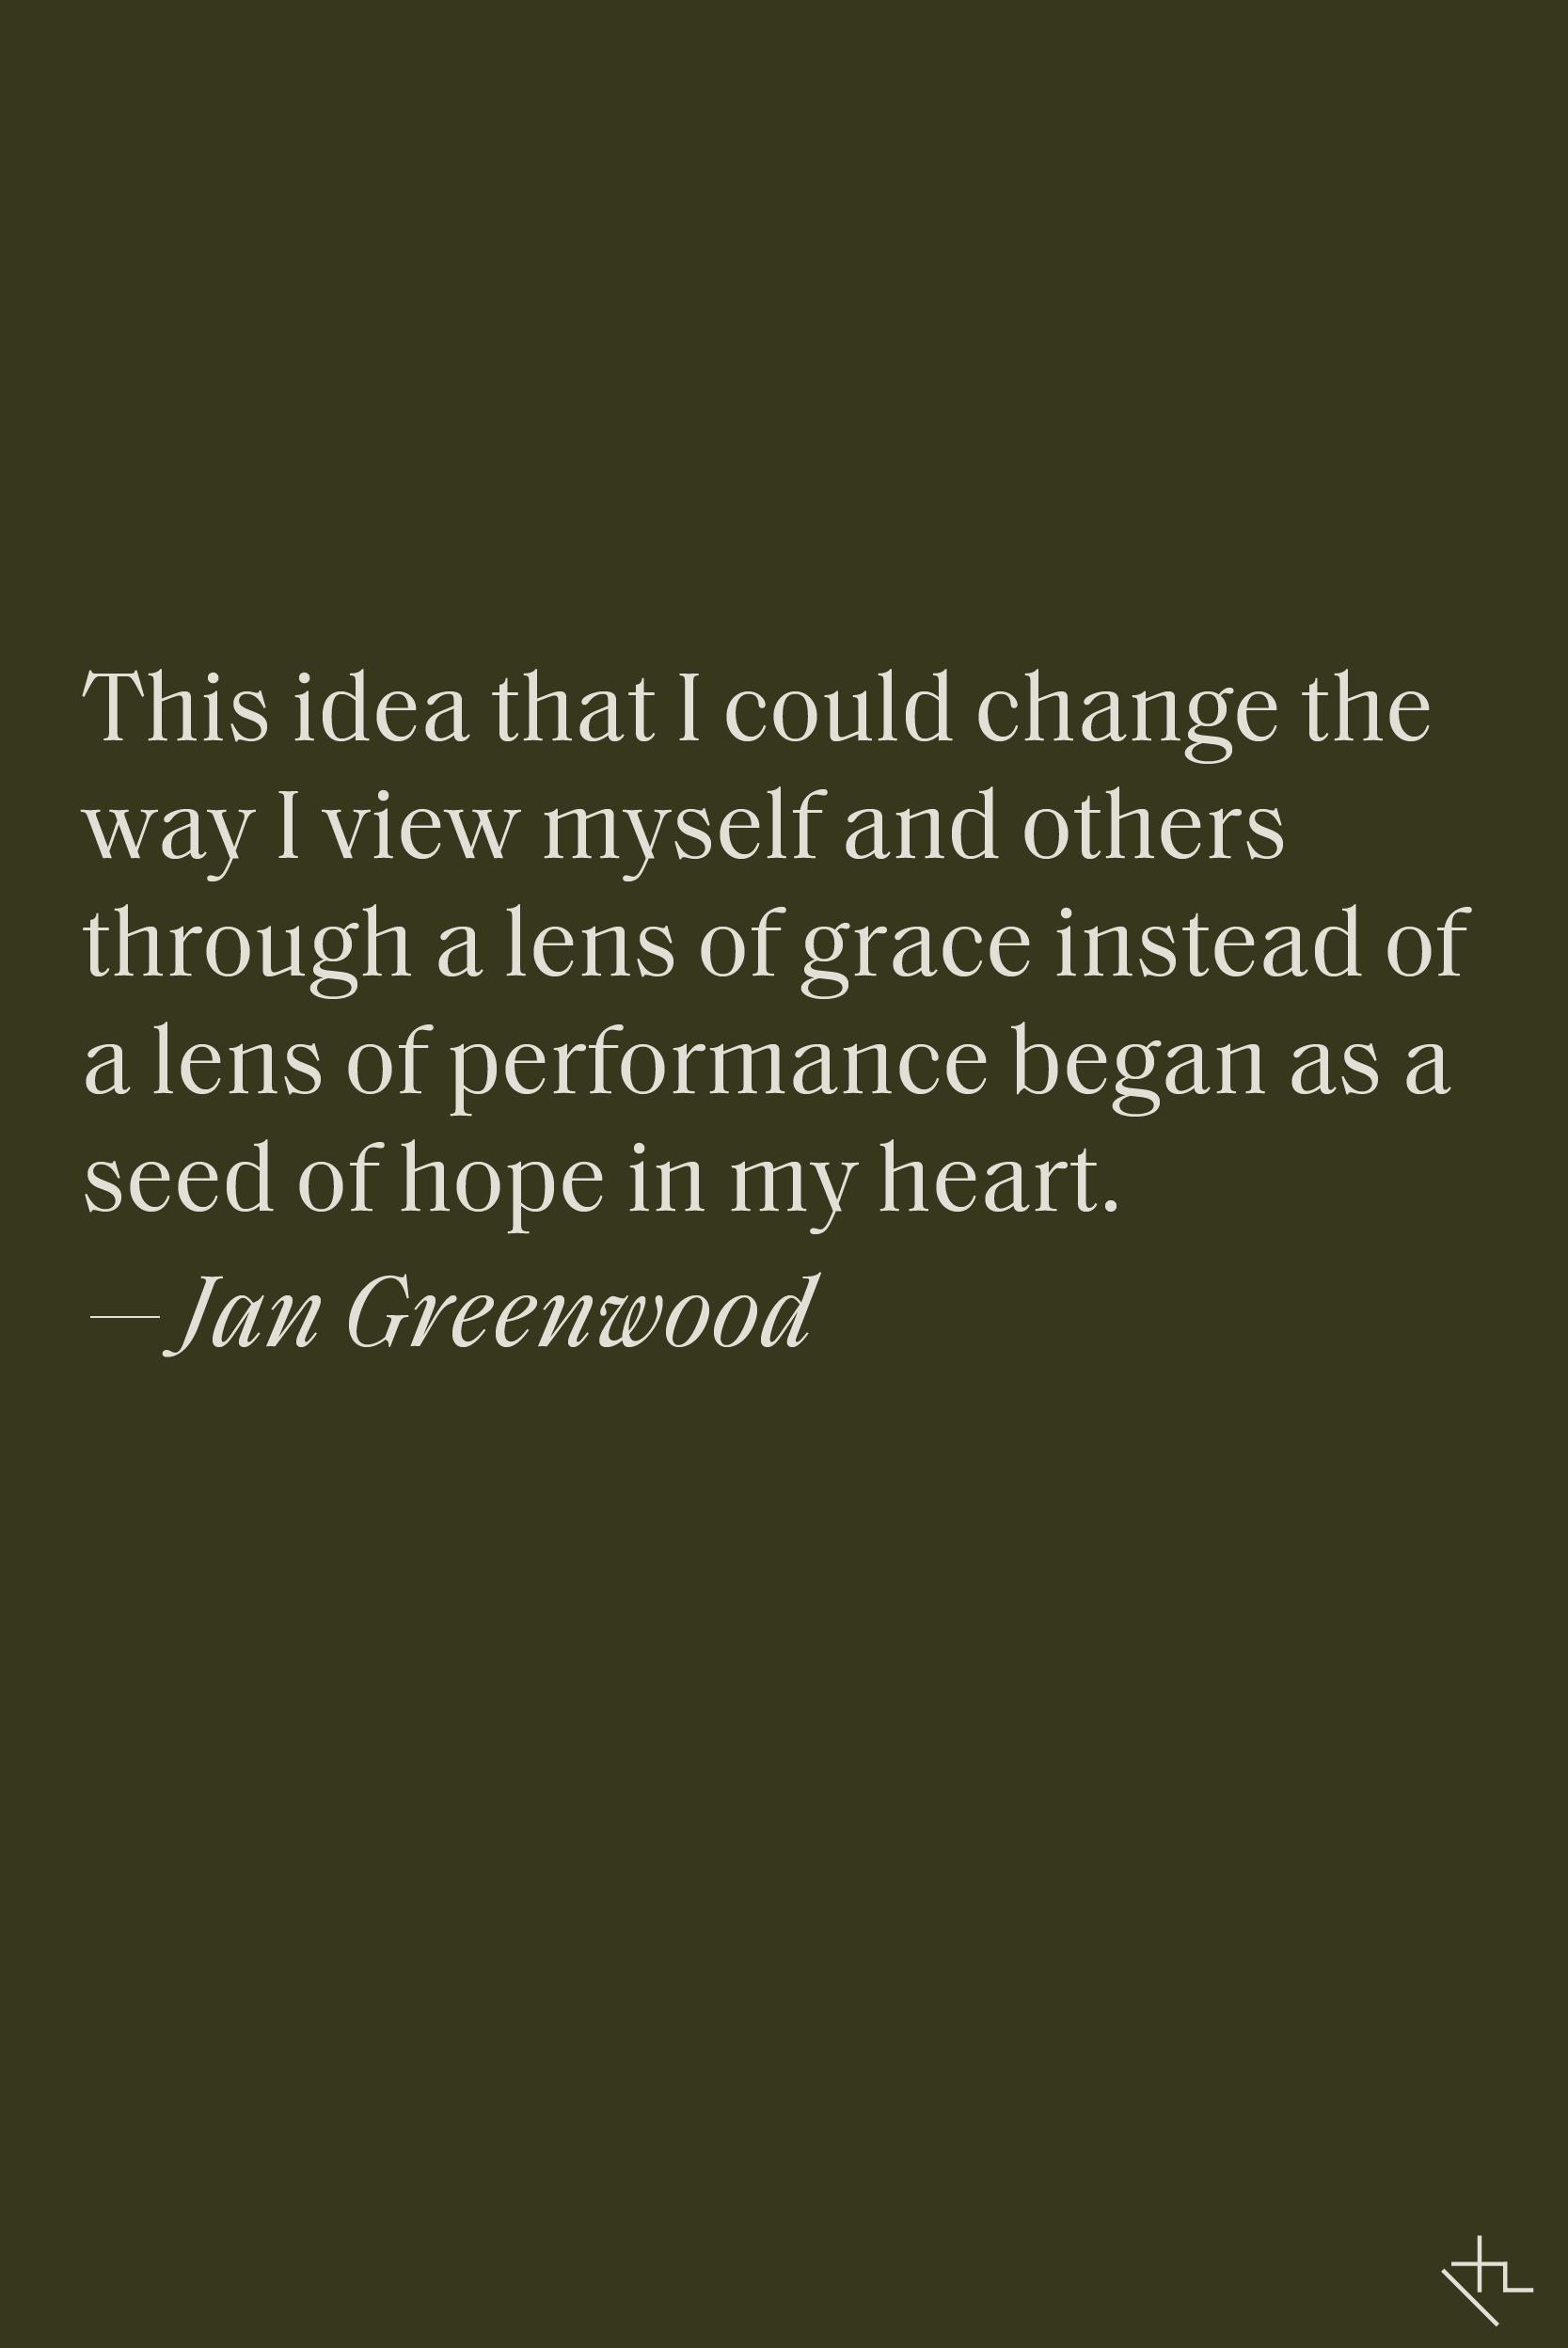 Jan Greenwood - Pinterest Image